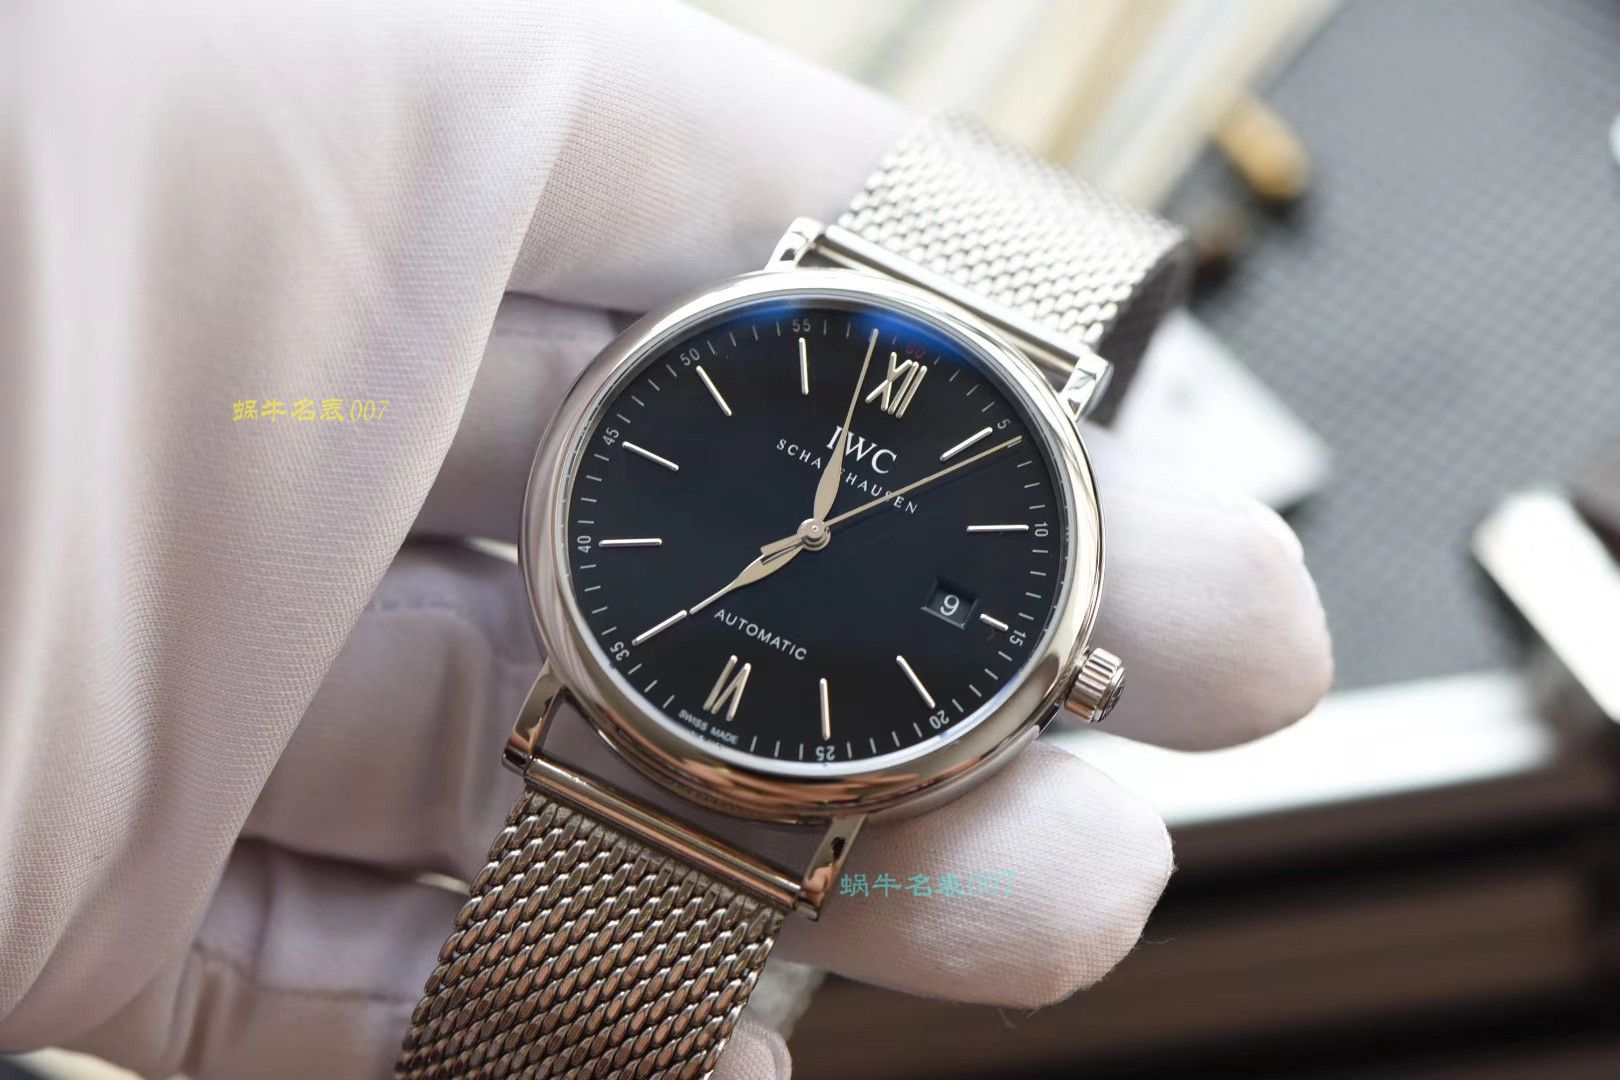 【顶级复刻版手表价格】视频评测IWC万国表柏涛菲诺系列IW356506腕表